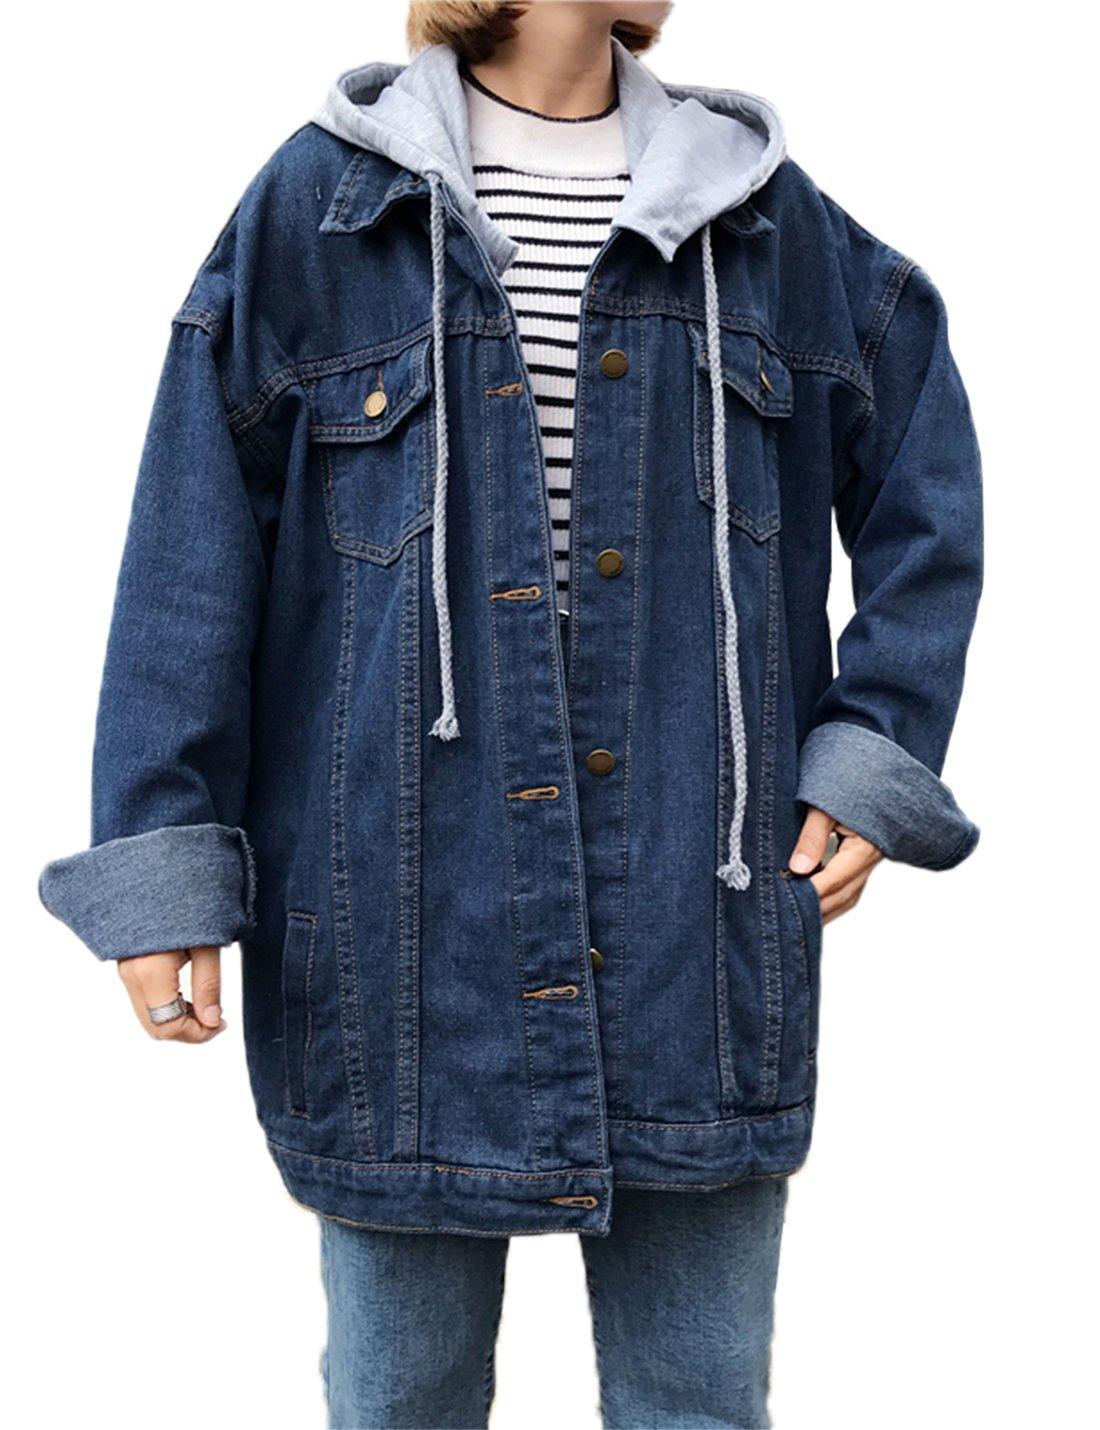 03fd7d734e52 Gihuo Women s Oversized Loose Boyfriend Denim Jacket Hooded Jean Jacket